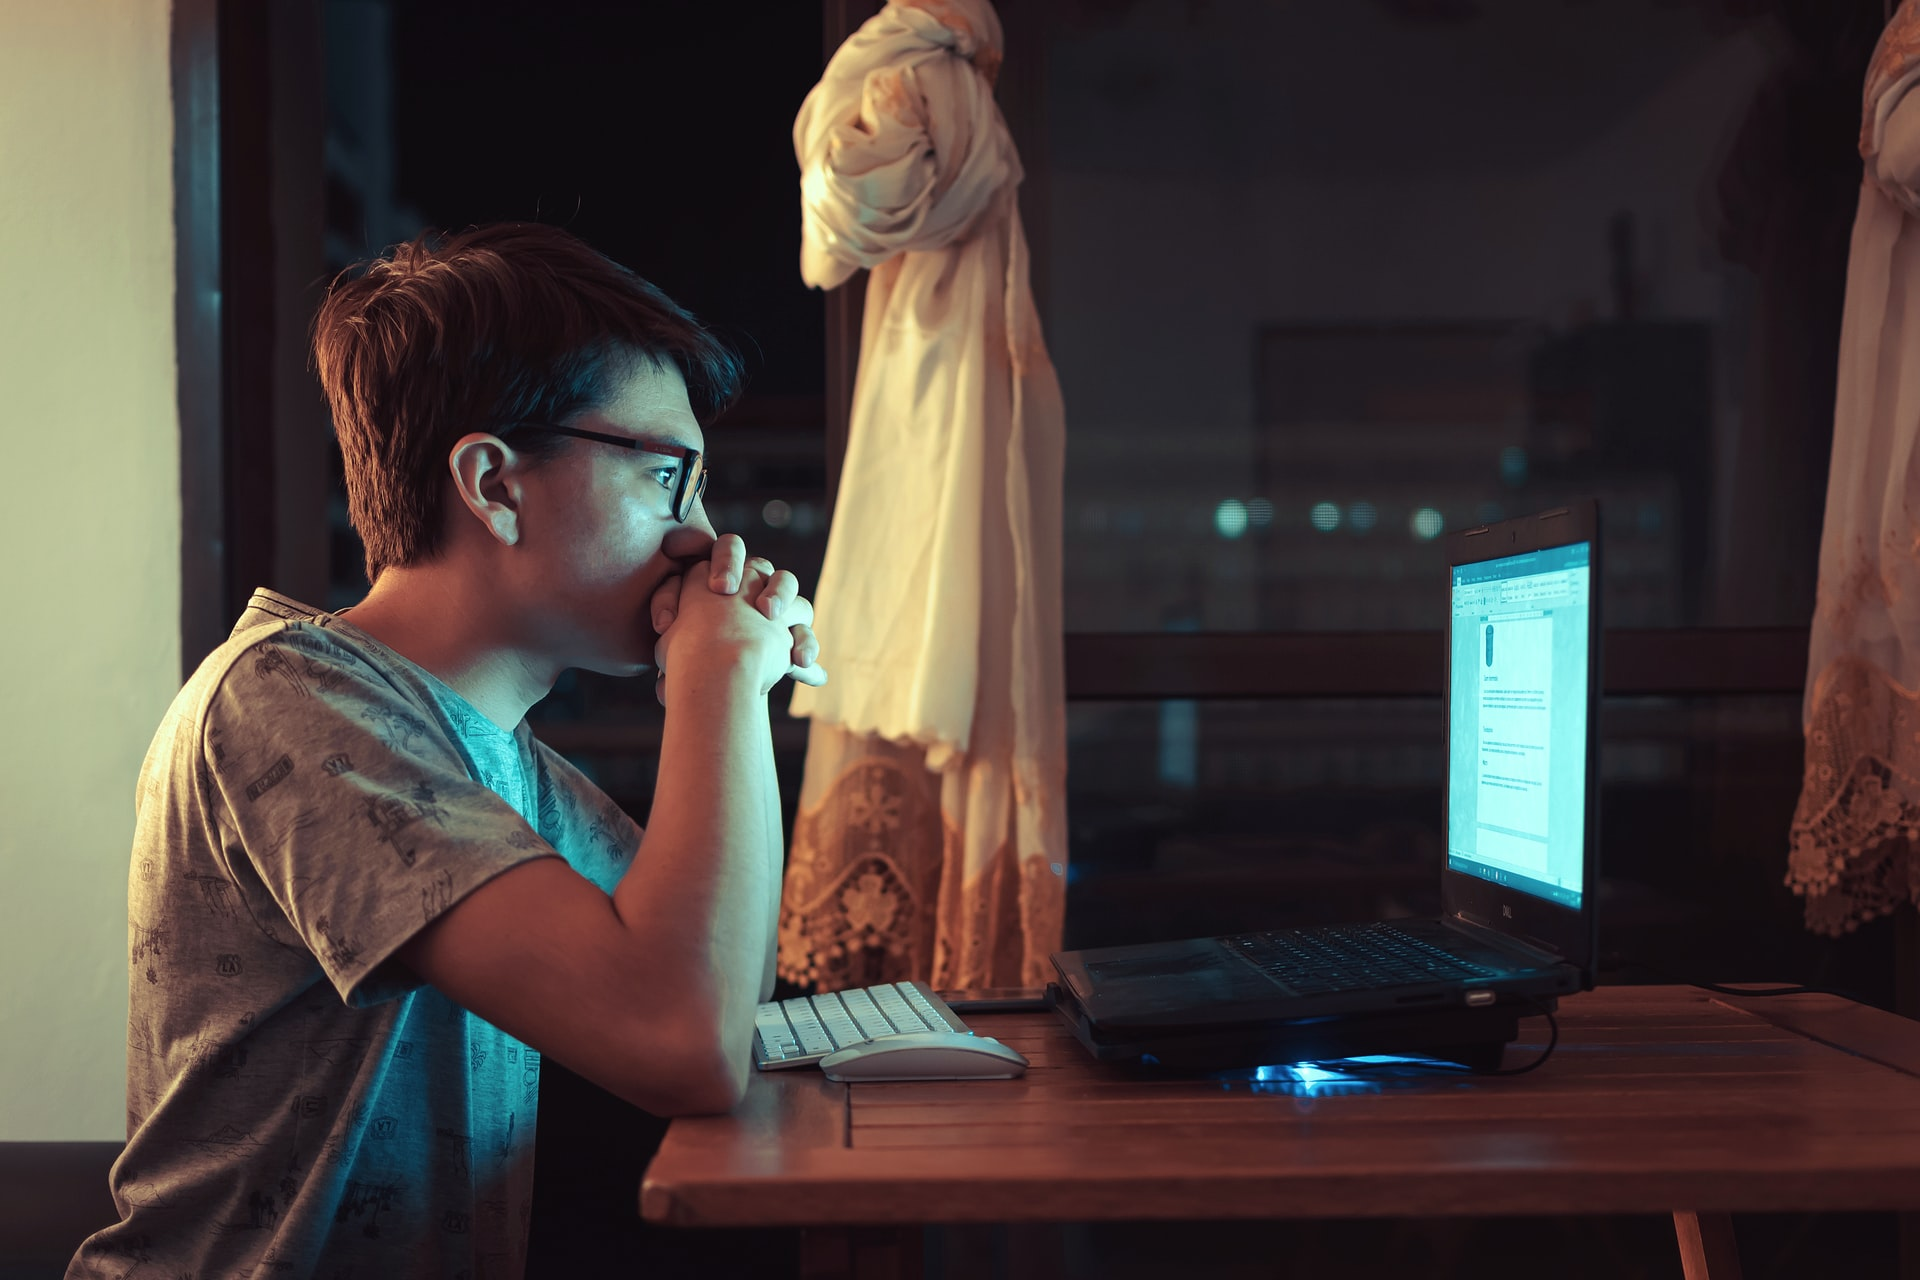 夜中までインターネットをやる人